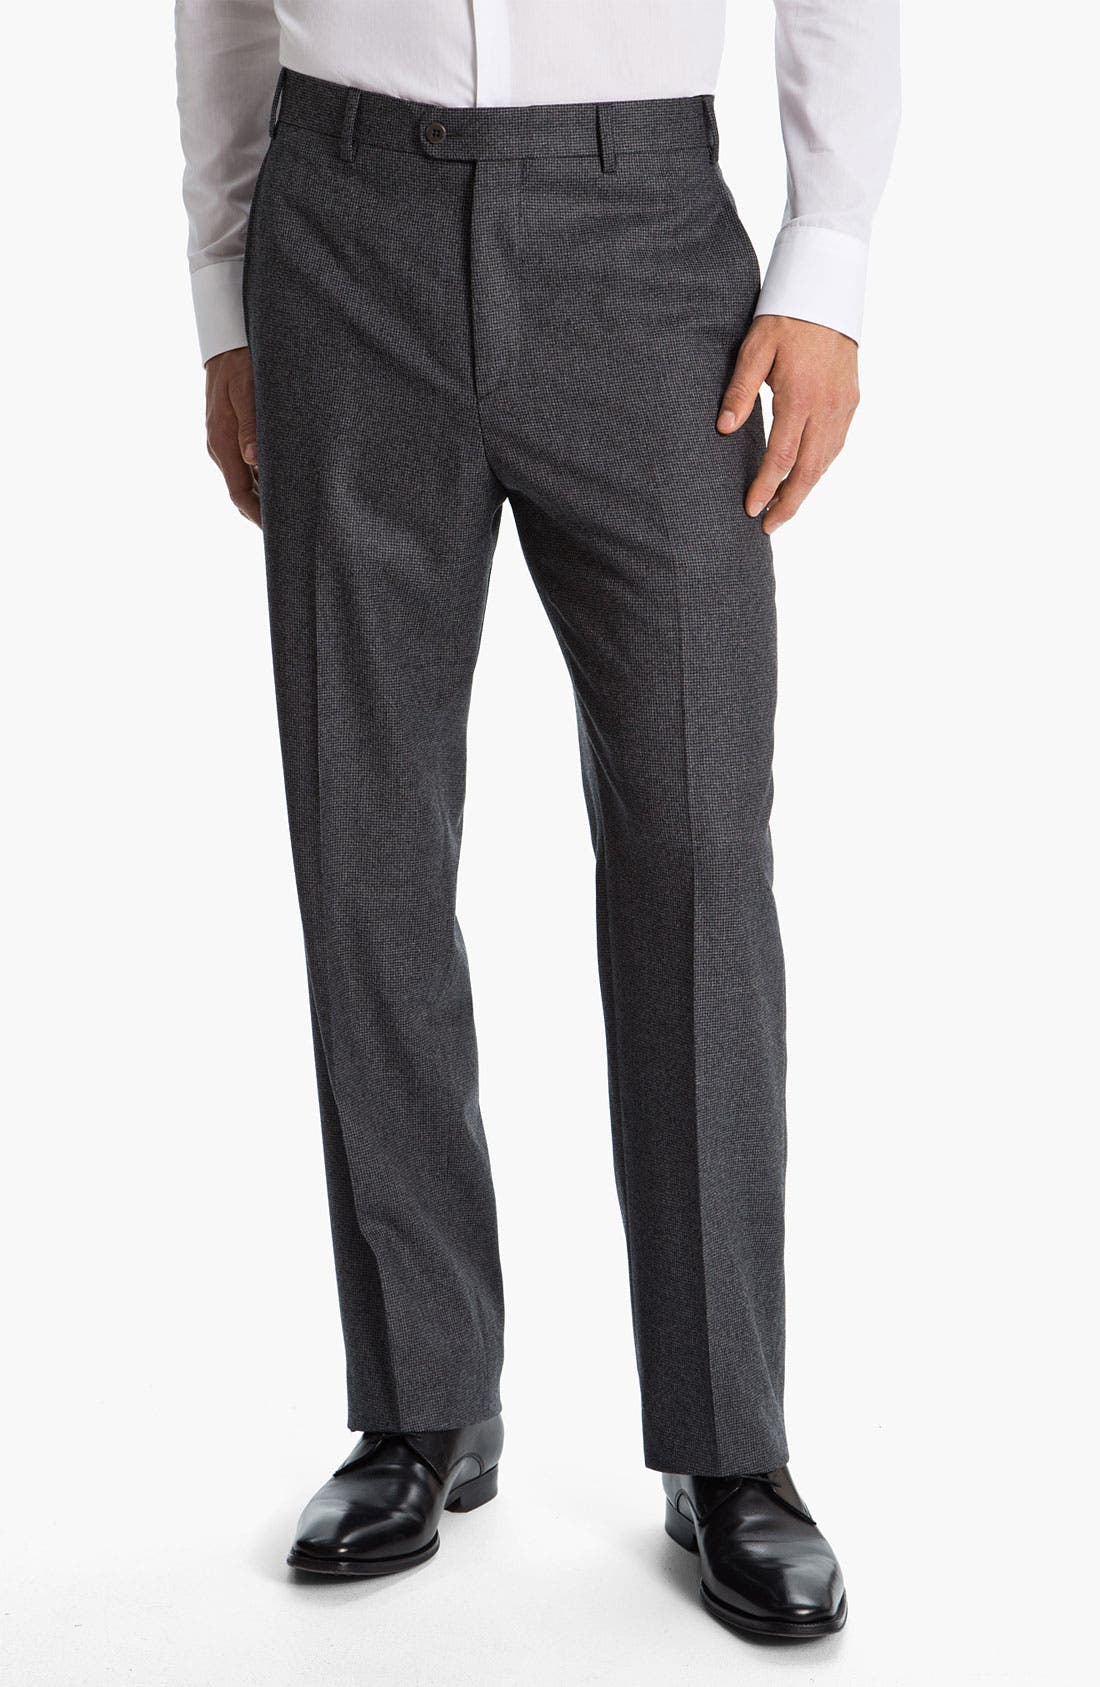 Main Image - Zanella 'Todd' Flat Front Trousers